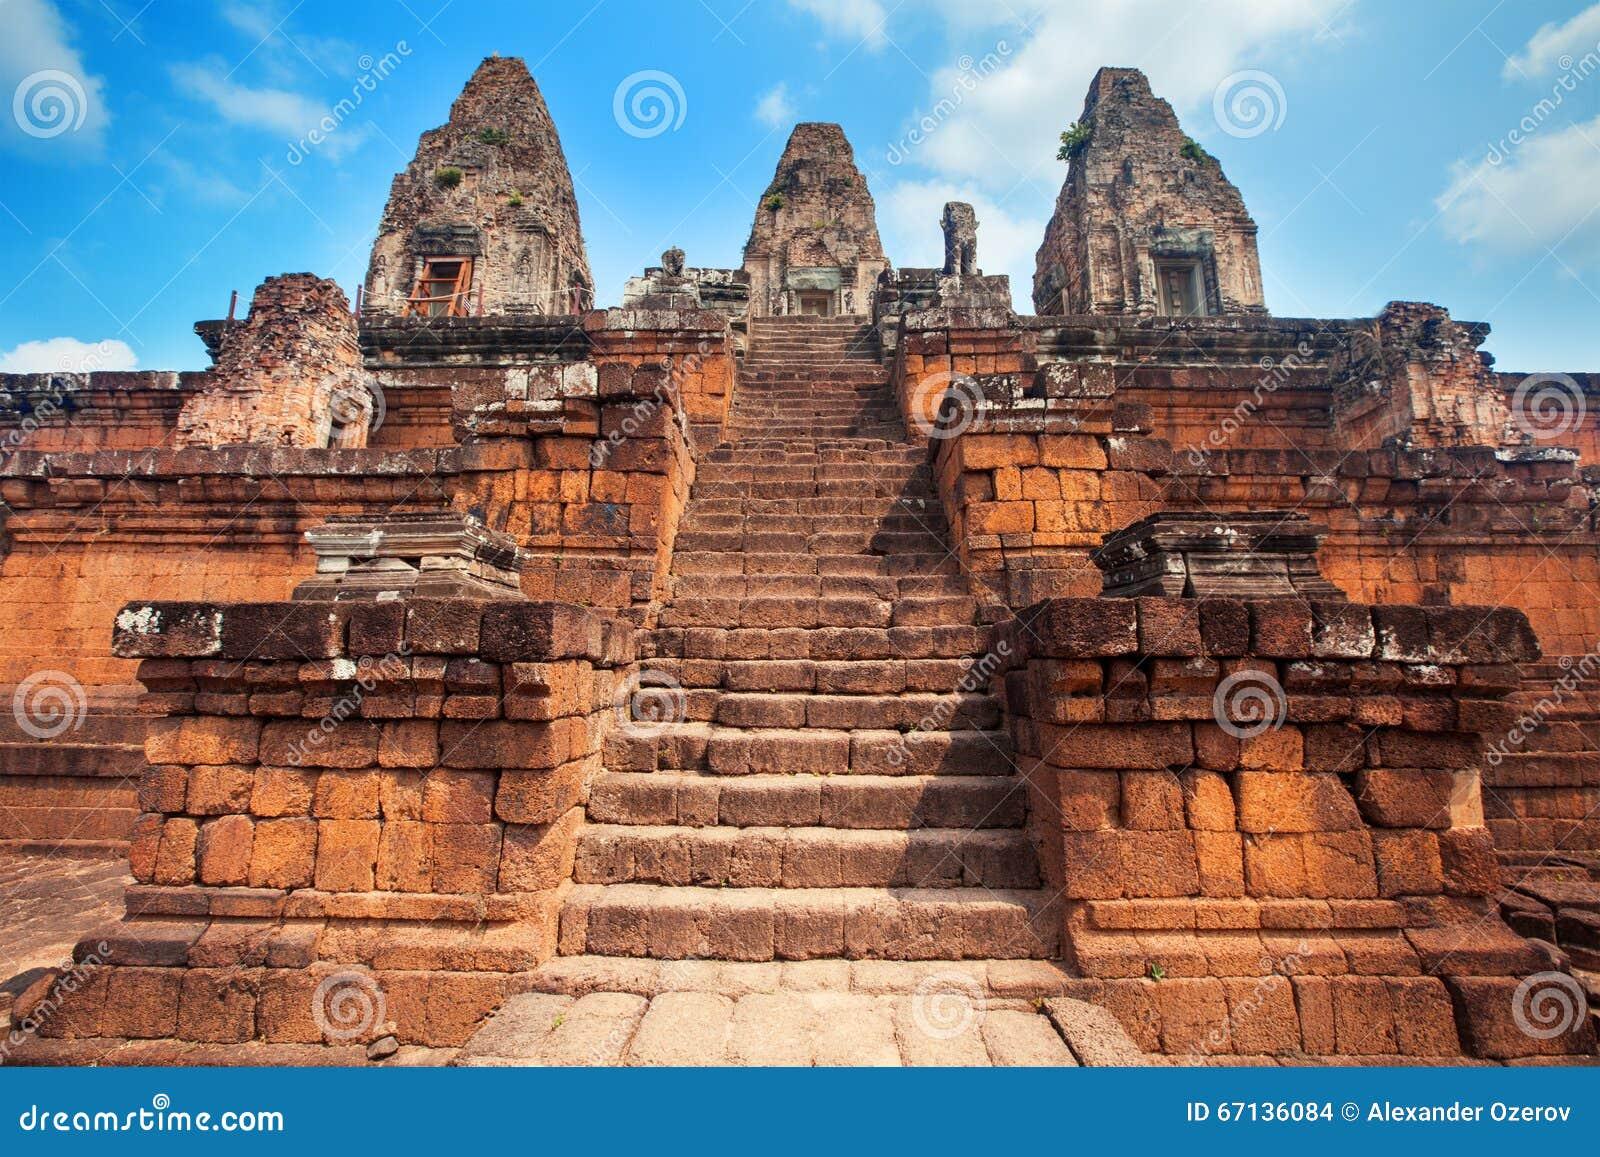 Tres torres y escaleras largas del templo antiguo en for Escaleras largas